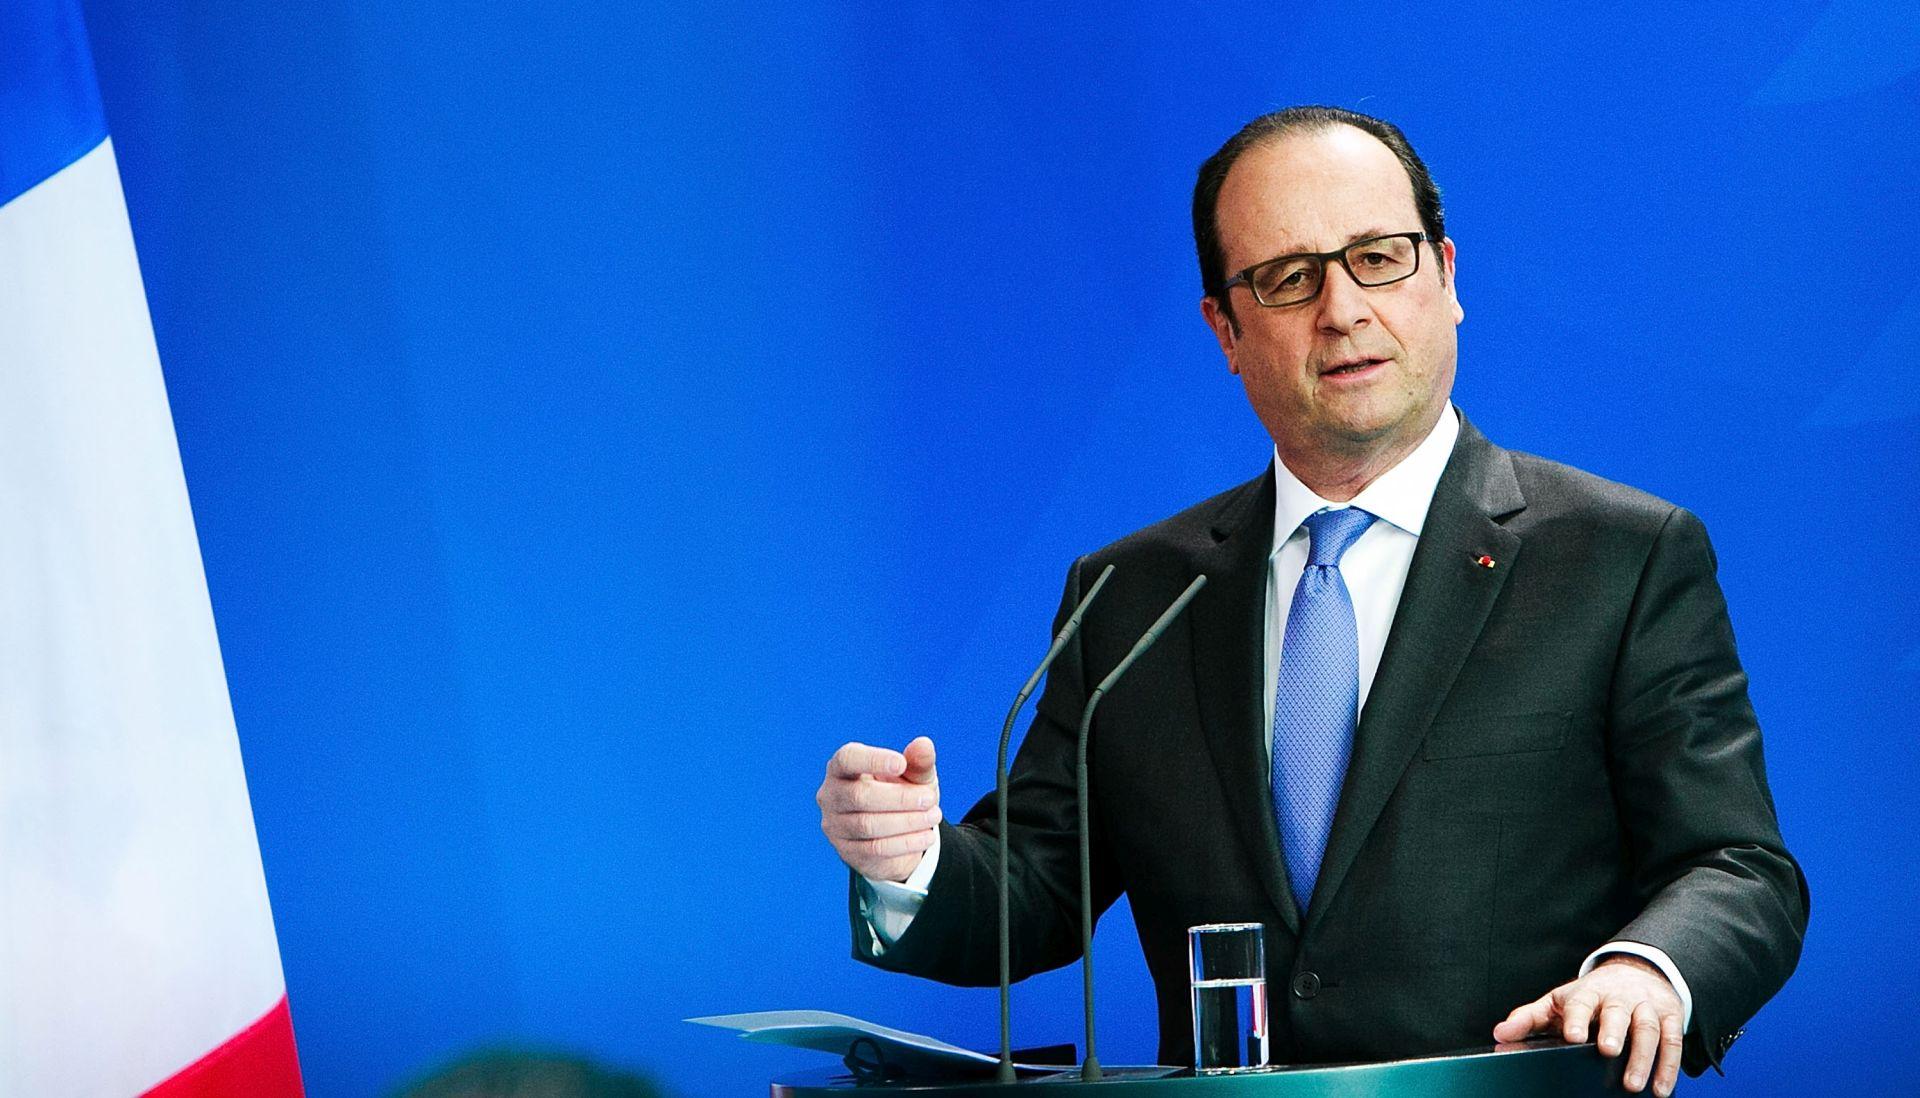 PRIJEDLOG IZMJENE ZAKONA: Hollande želi produljiti izvanredno stanje na tri mjeseca